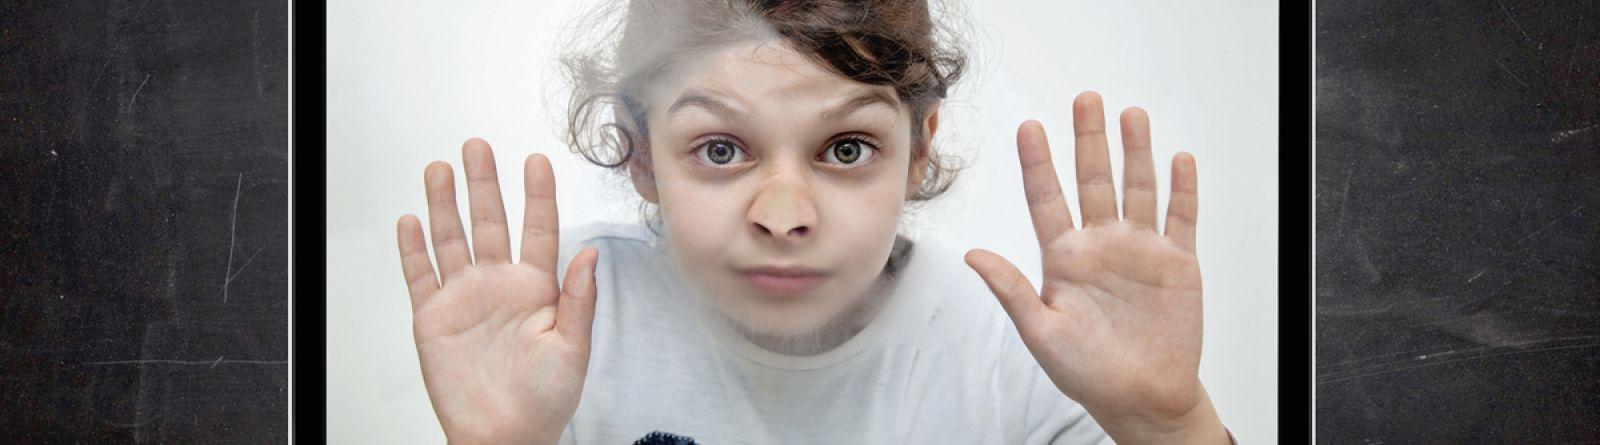 Bnp Paribas Cardif: i bambini amano la tecnologia, gli altri e la natura